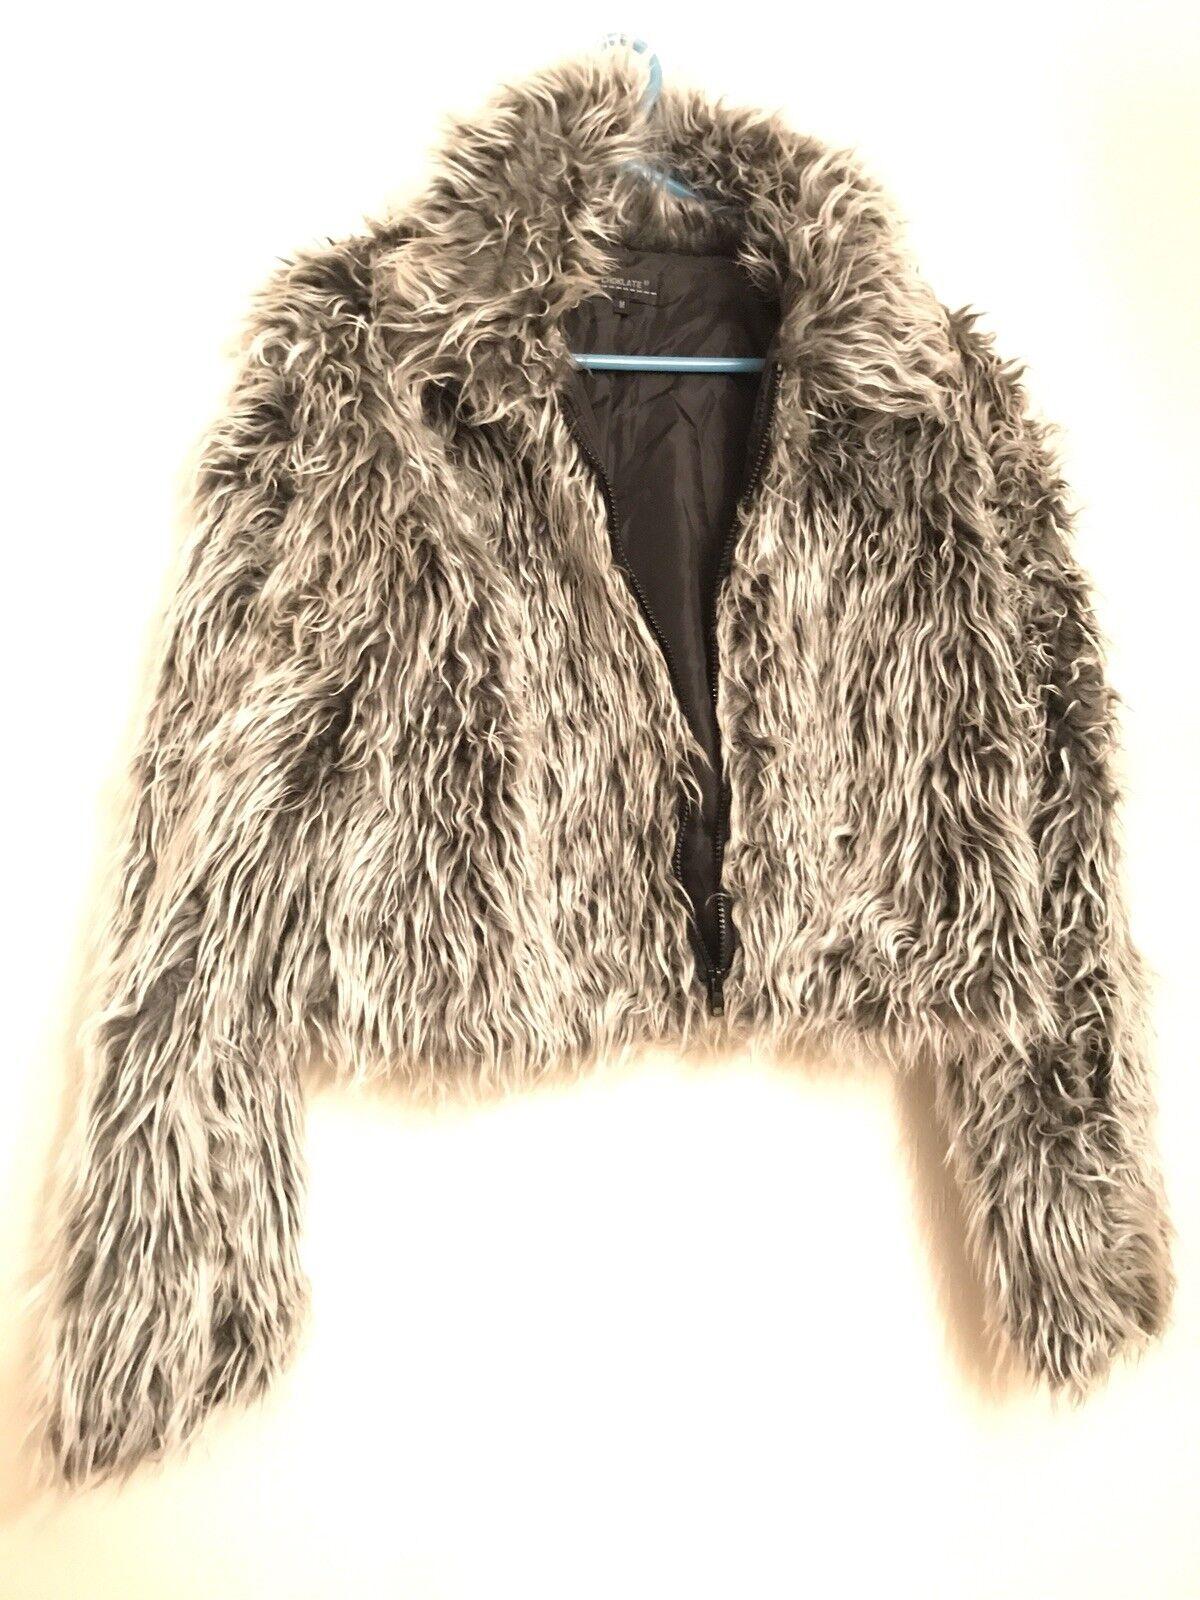 ... Fabulous vintage in pelliccia sintetica donna Giacca Nero Grigio Giacca  Bomber donna sintetica pelliccia 34b01a a37d9aebfe2